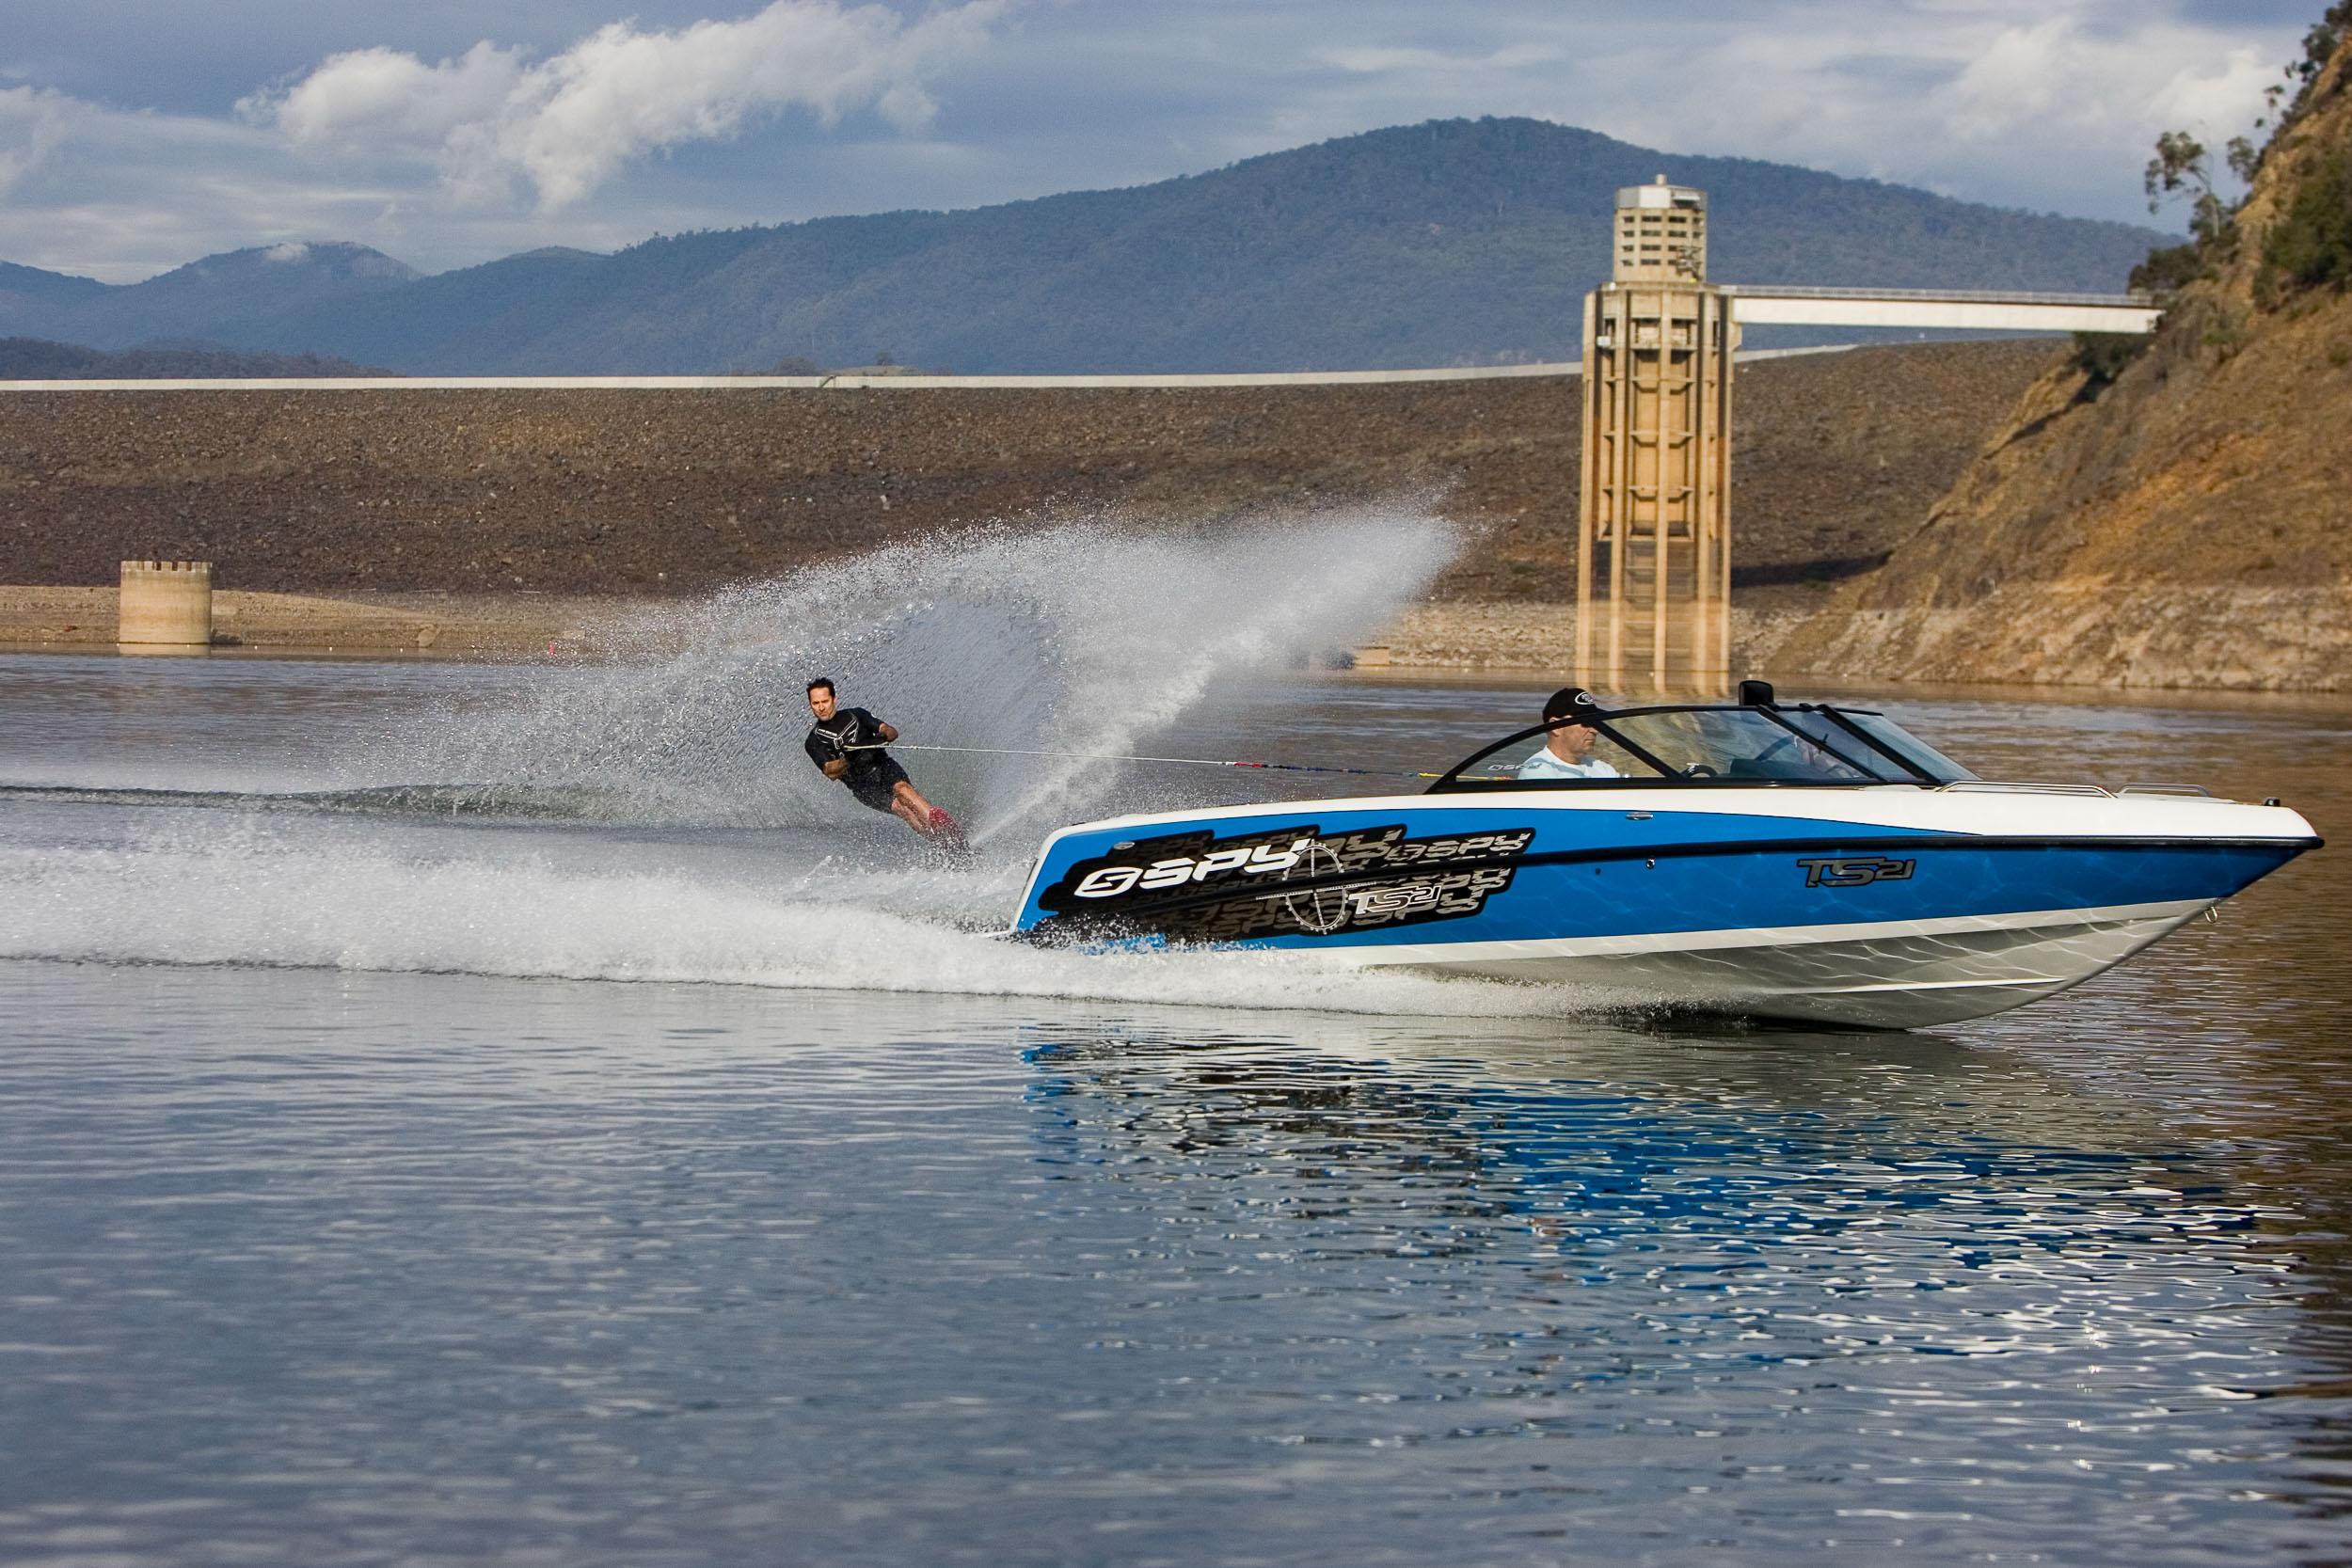 Spy_Boats_TS21-28.jpg